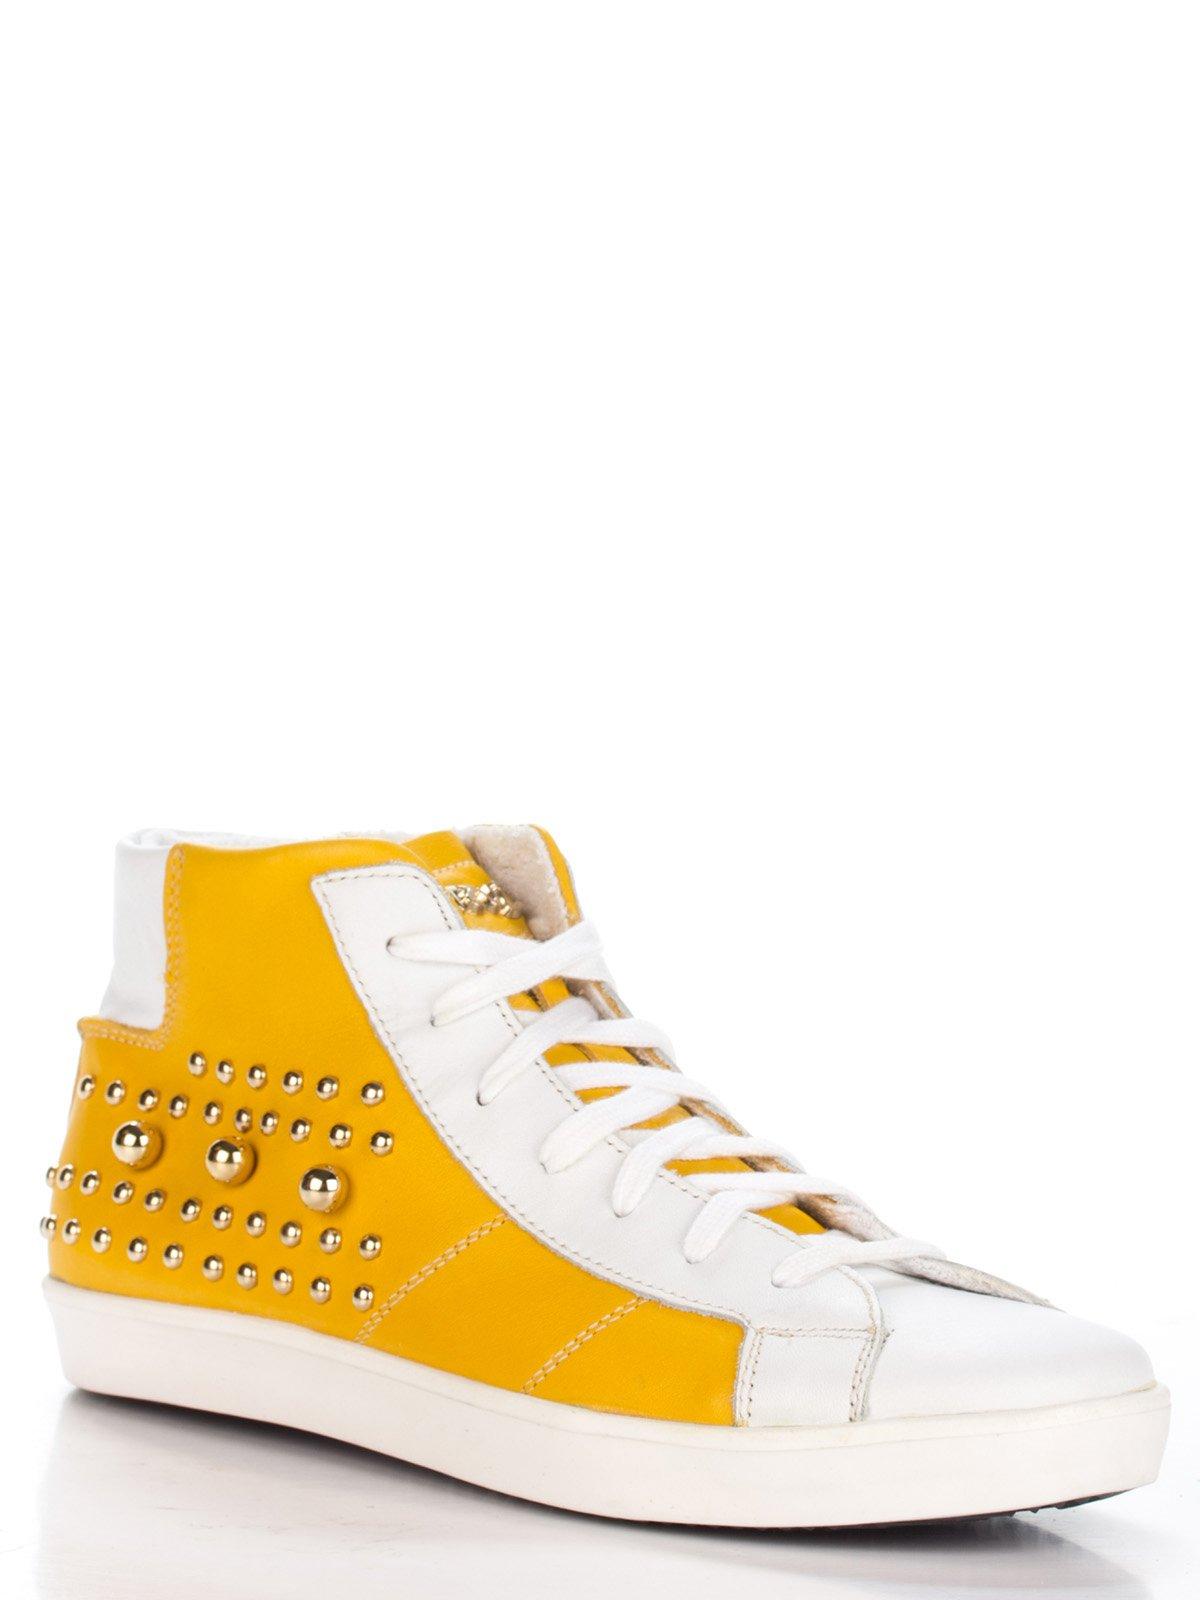 Кеди жовто-білі | 2452998